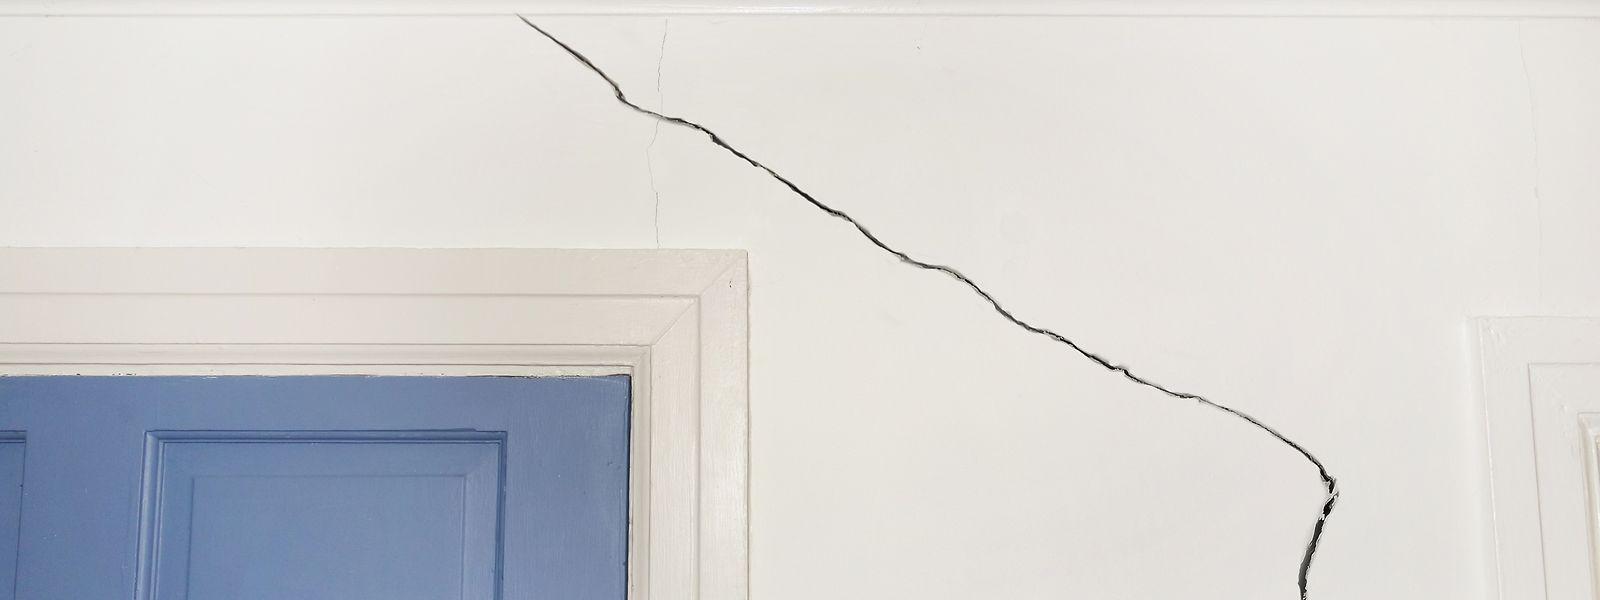 Ausgetrocknete Tonböden können zu schweren Schäden an Gebäuden führen.